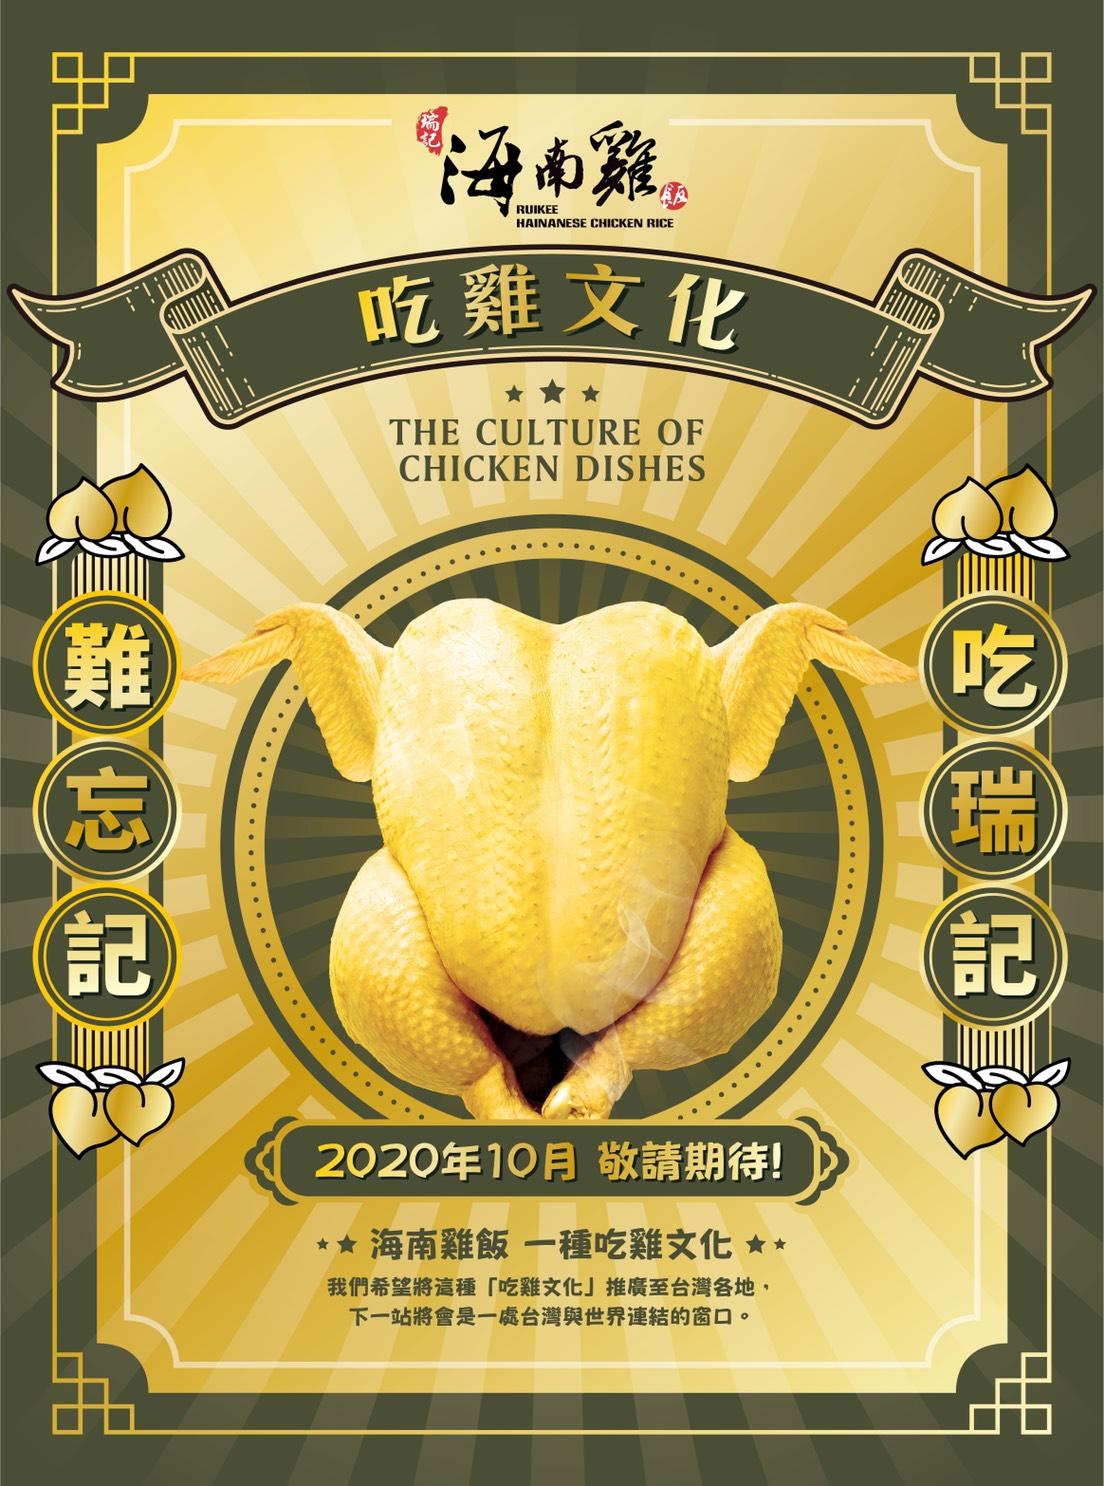 「海南雞飯,一種吃雞文化」